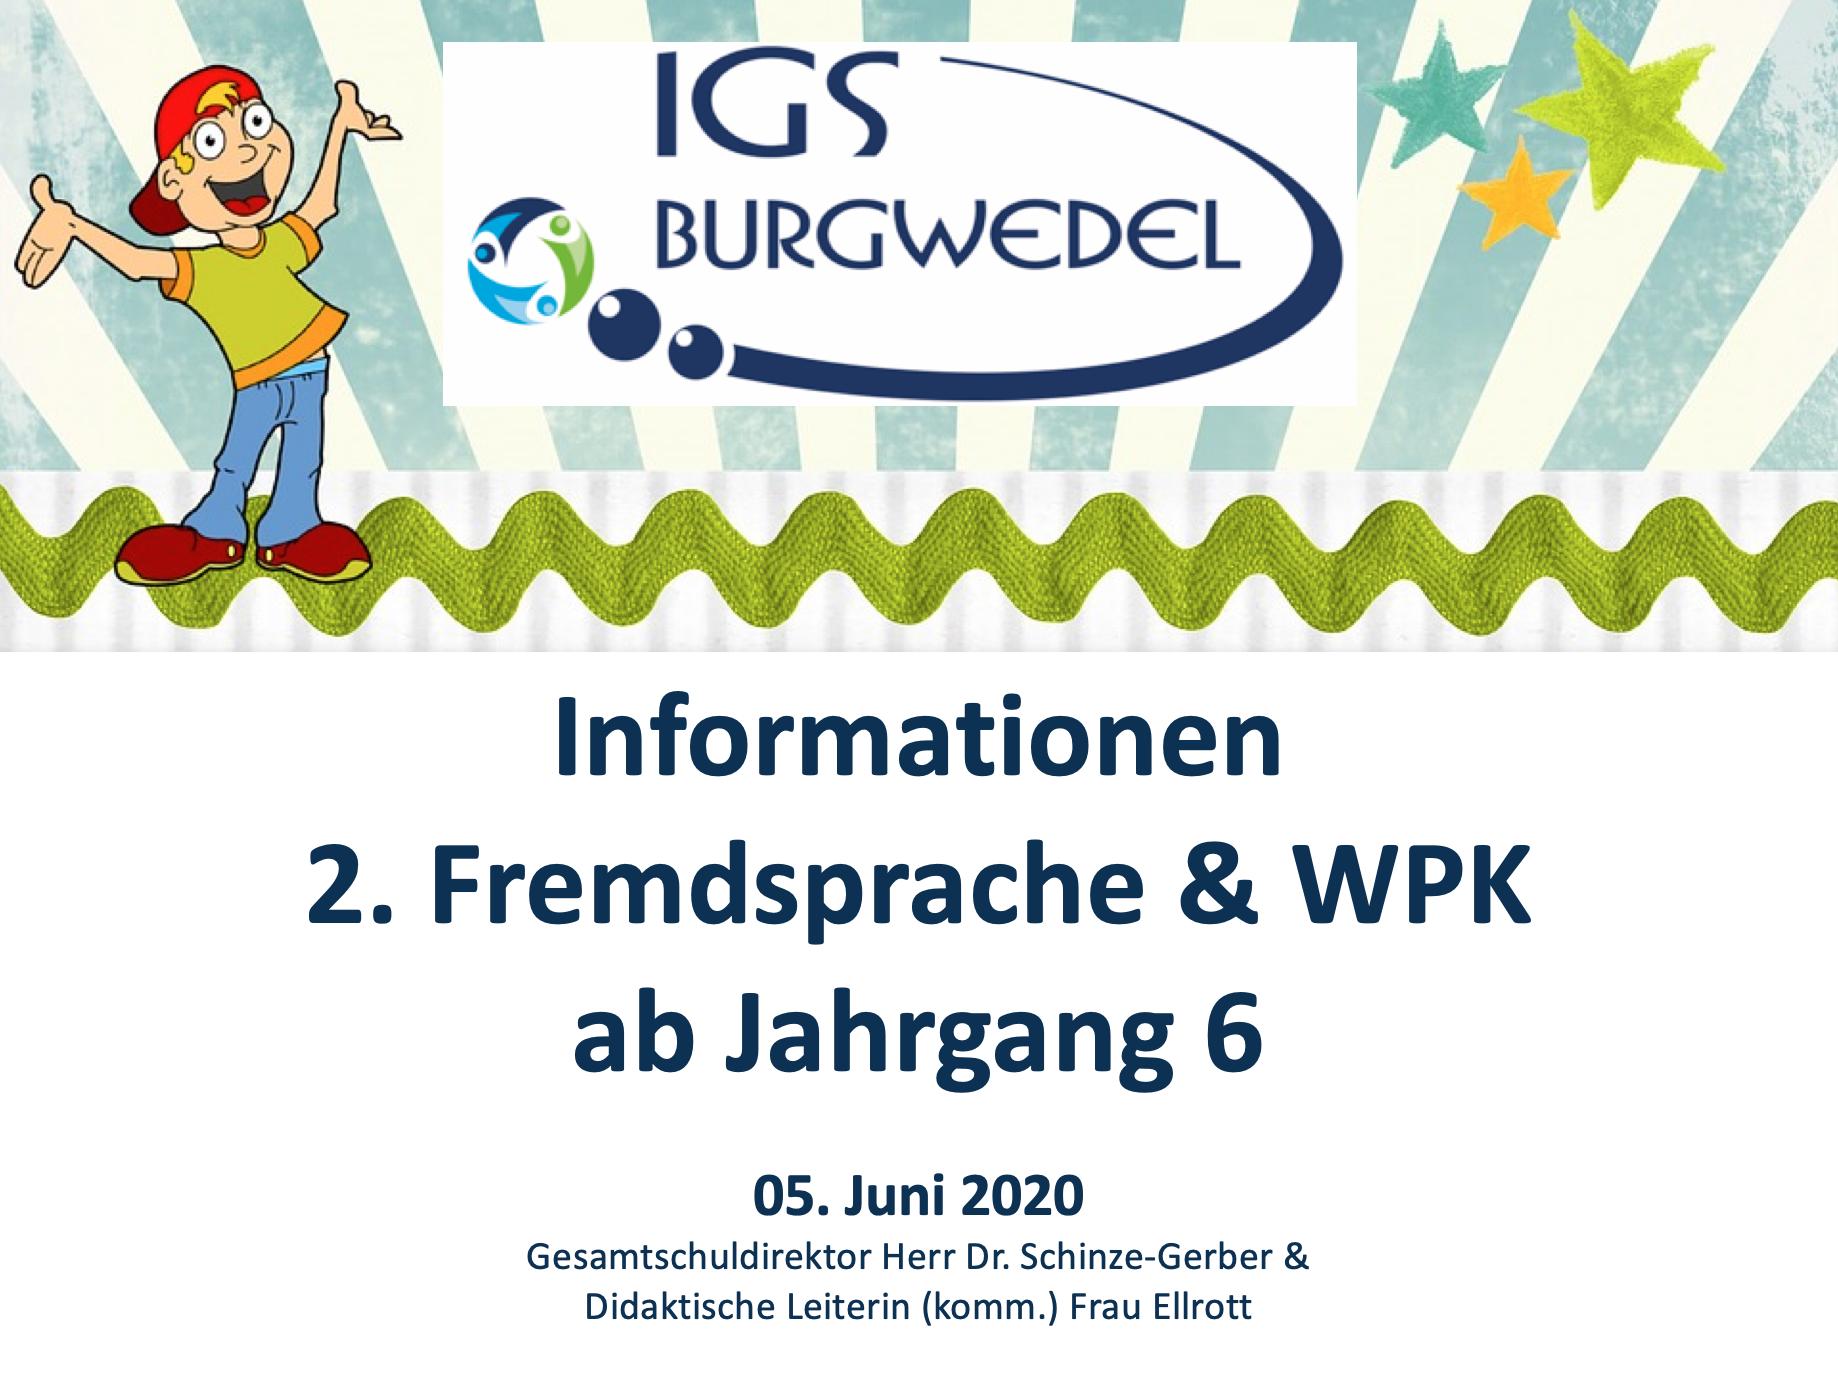 Informationen 2. Fremdsprache & WPK ab Jahrgang 6